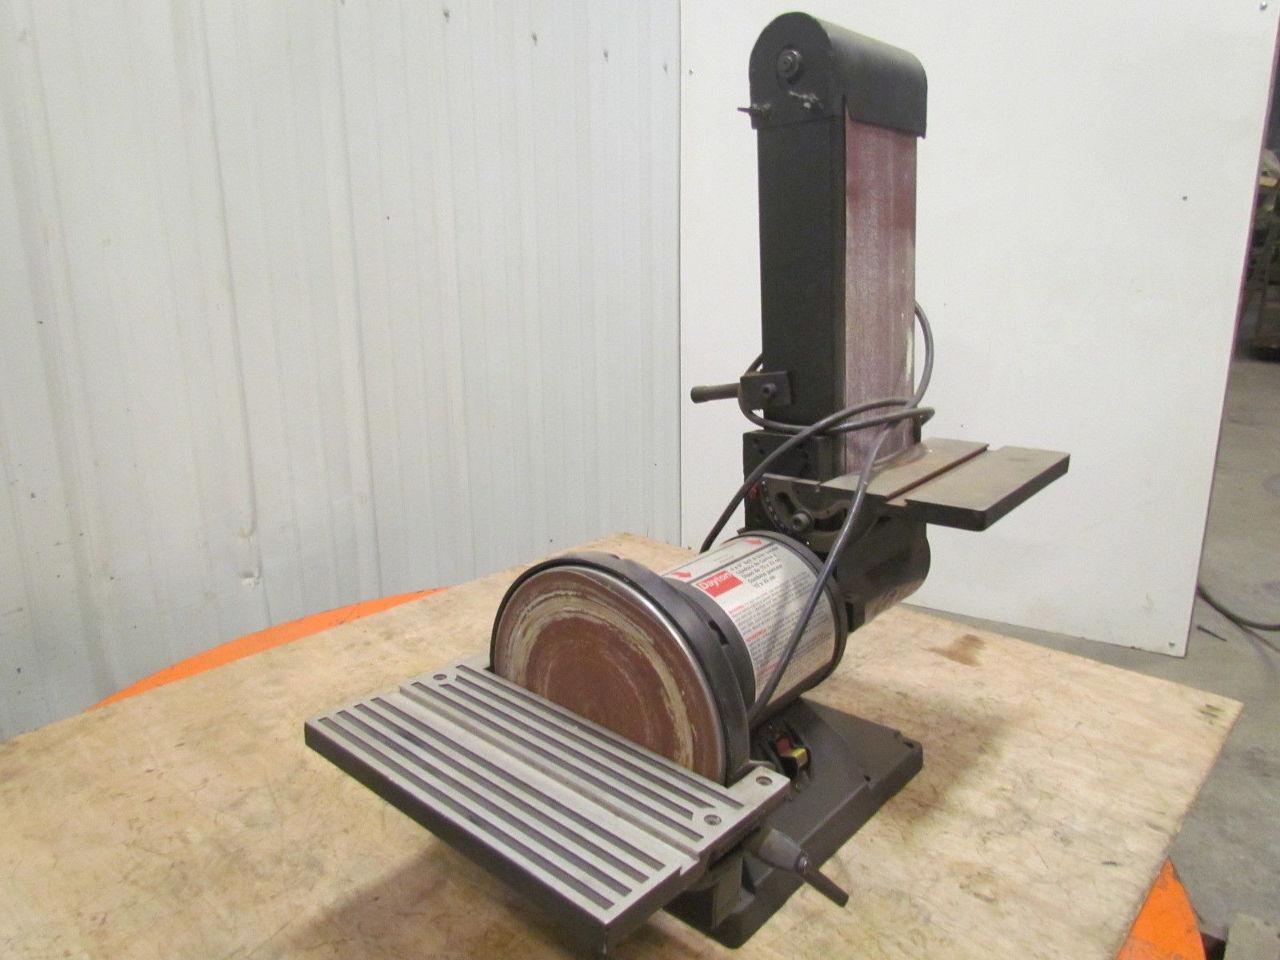 Dayton 6y001 6 belt sander 9 disc sander 3 4 hp 3450 rpm 120v benchtop combo ebay Bench belt sander